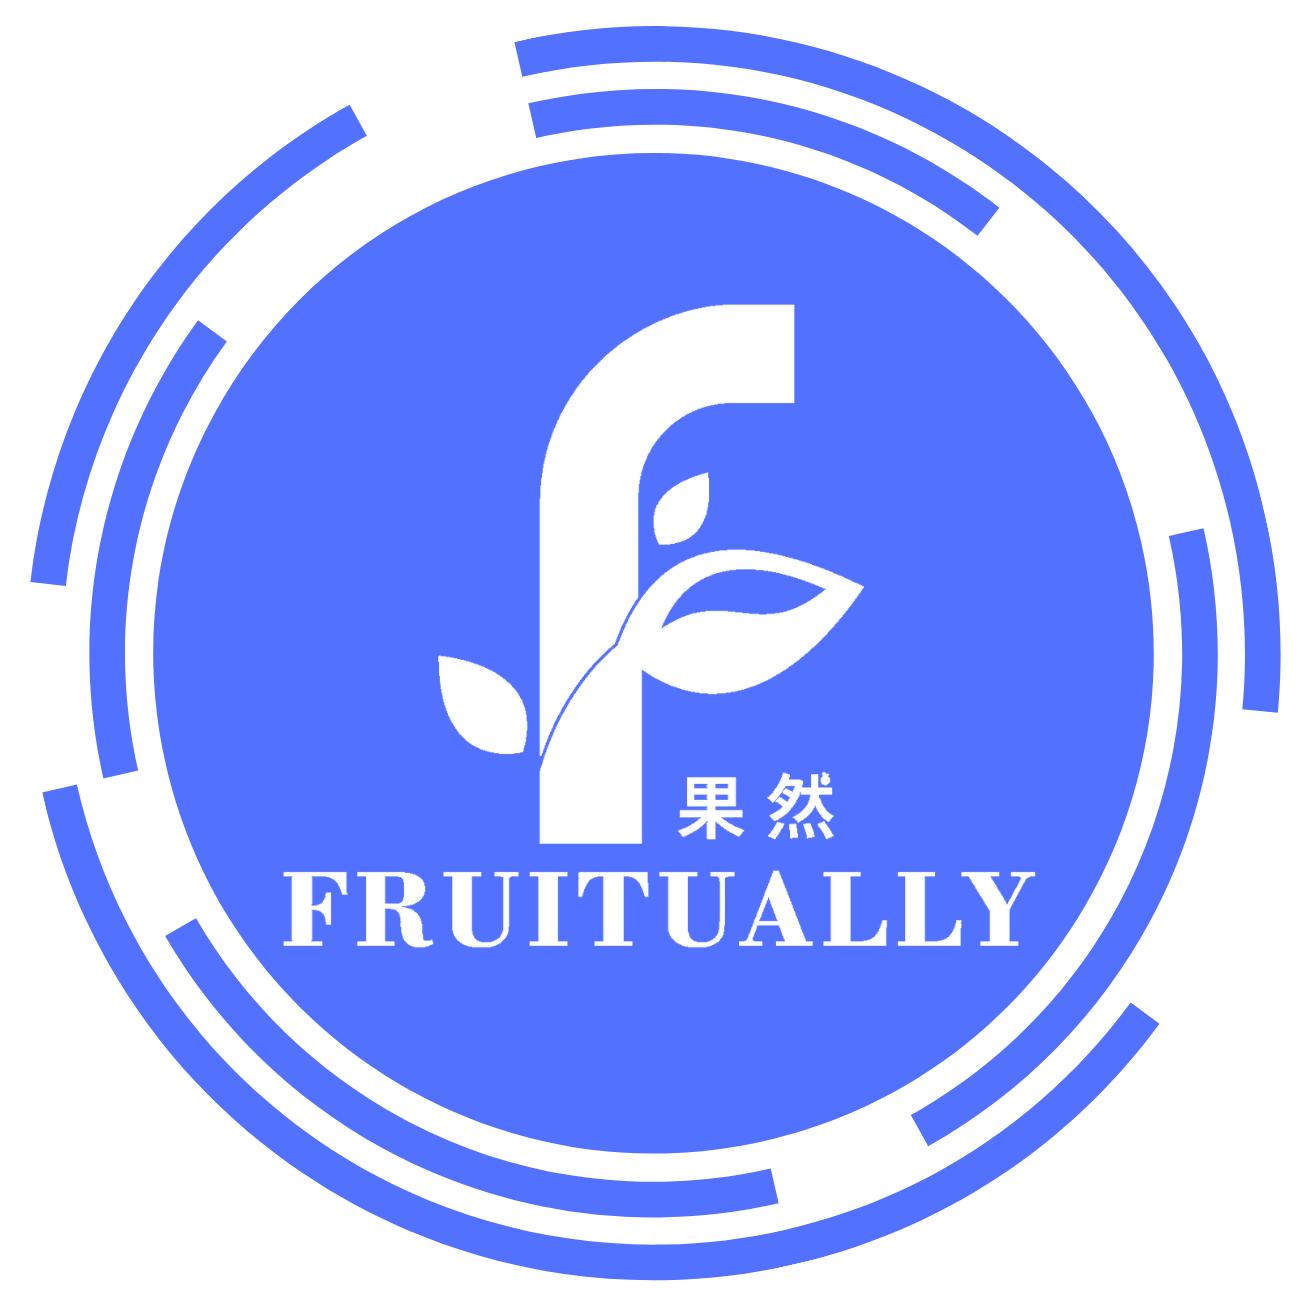 最好的網上水果公司 - fruitually.com